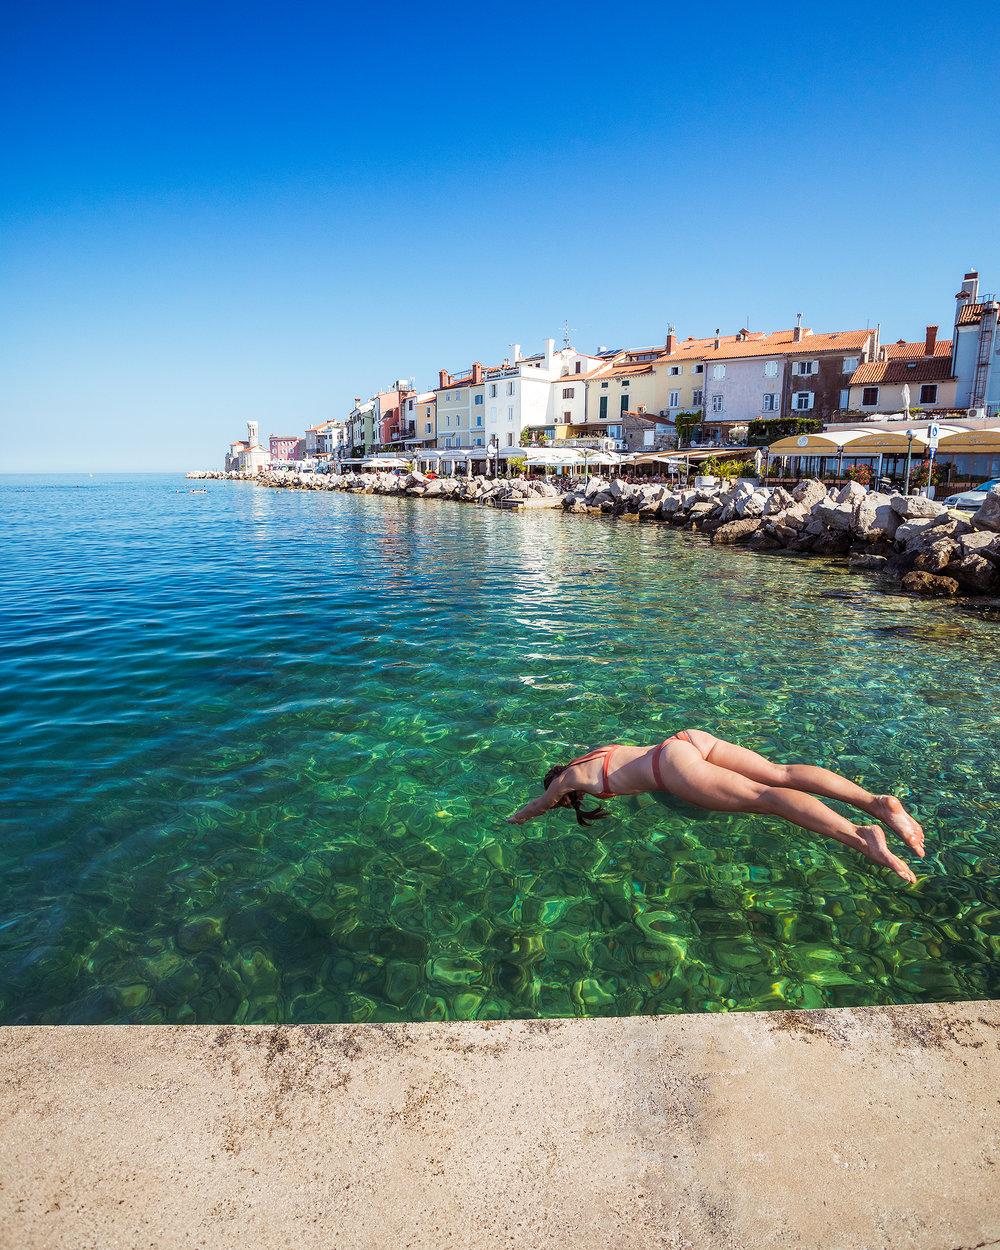 Andrea-diving-in-Piran-Slovenia-by-Michael-Matti.jpg